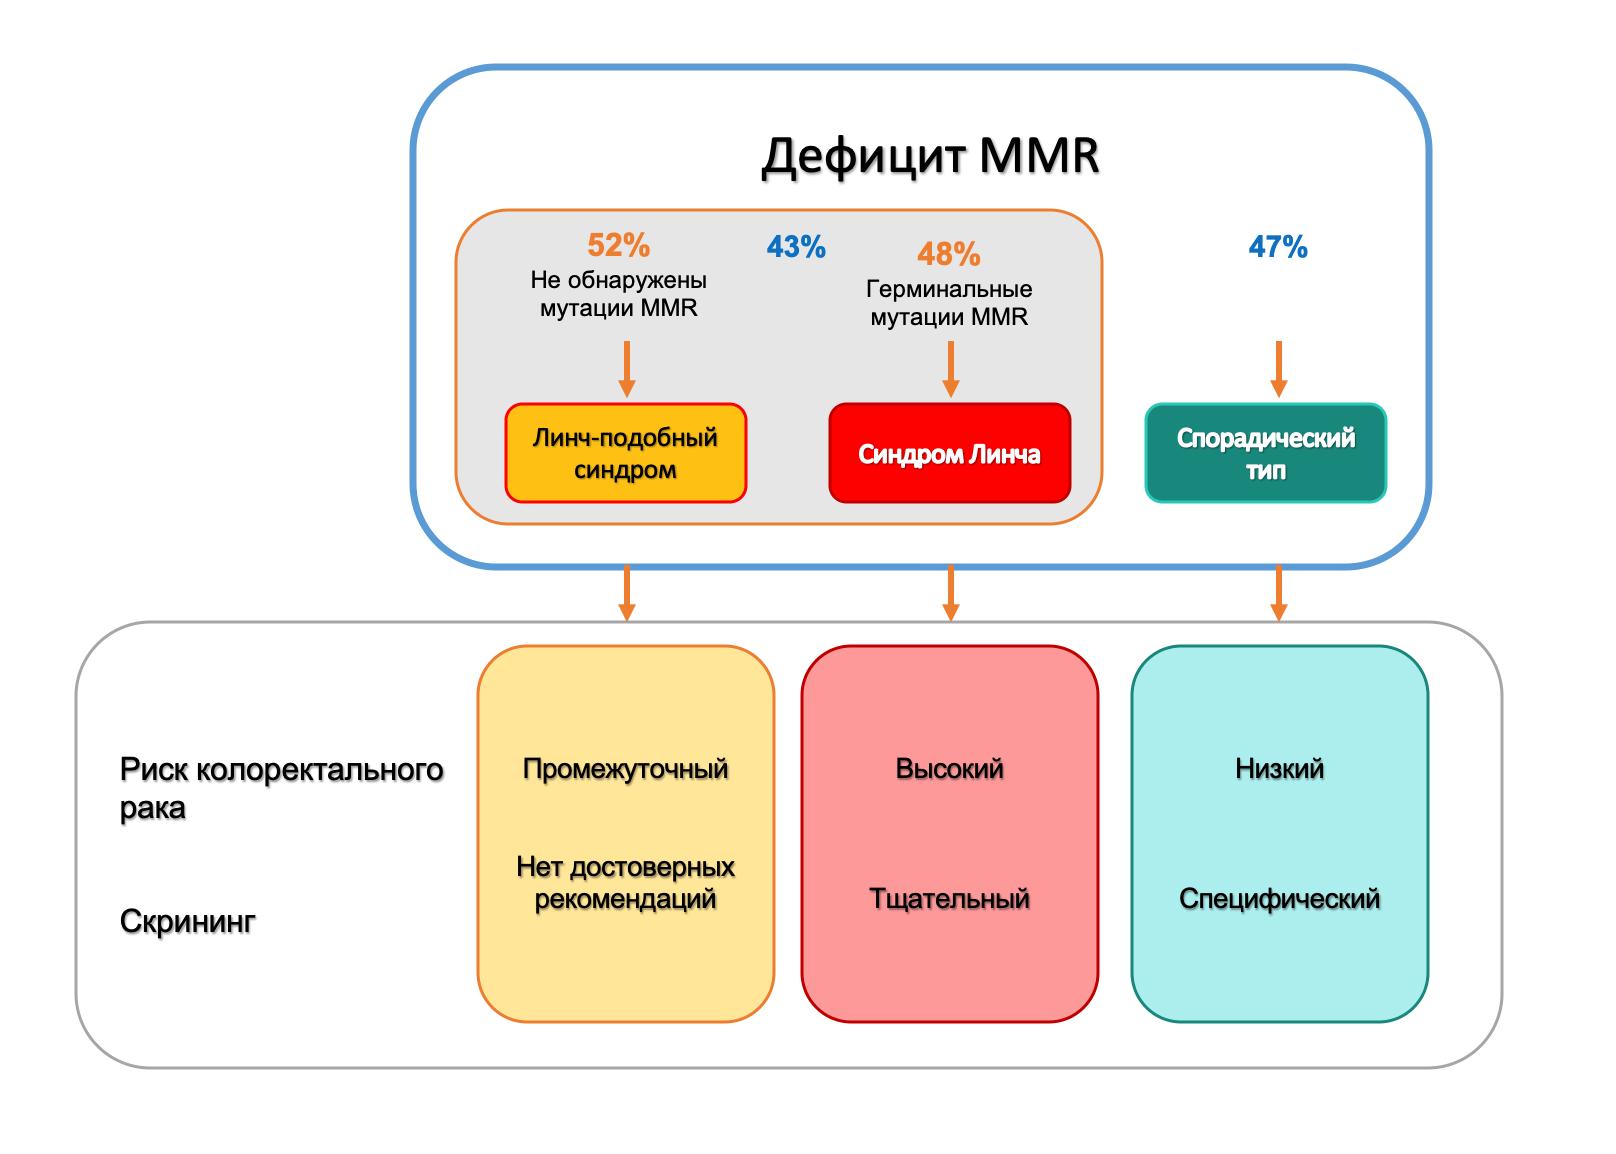 Особенности развития заболеваний и ведения пациентов с дефицитом в системе MMR